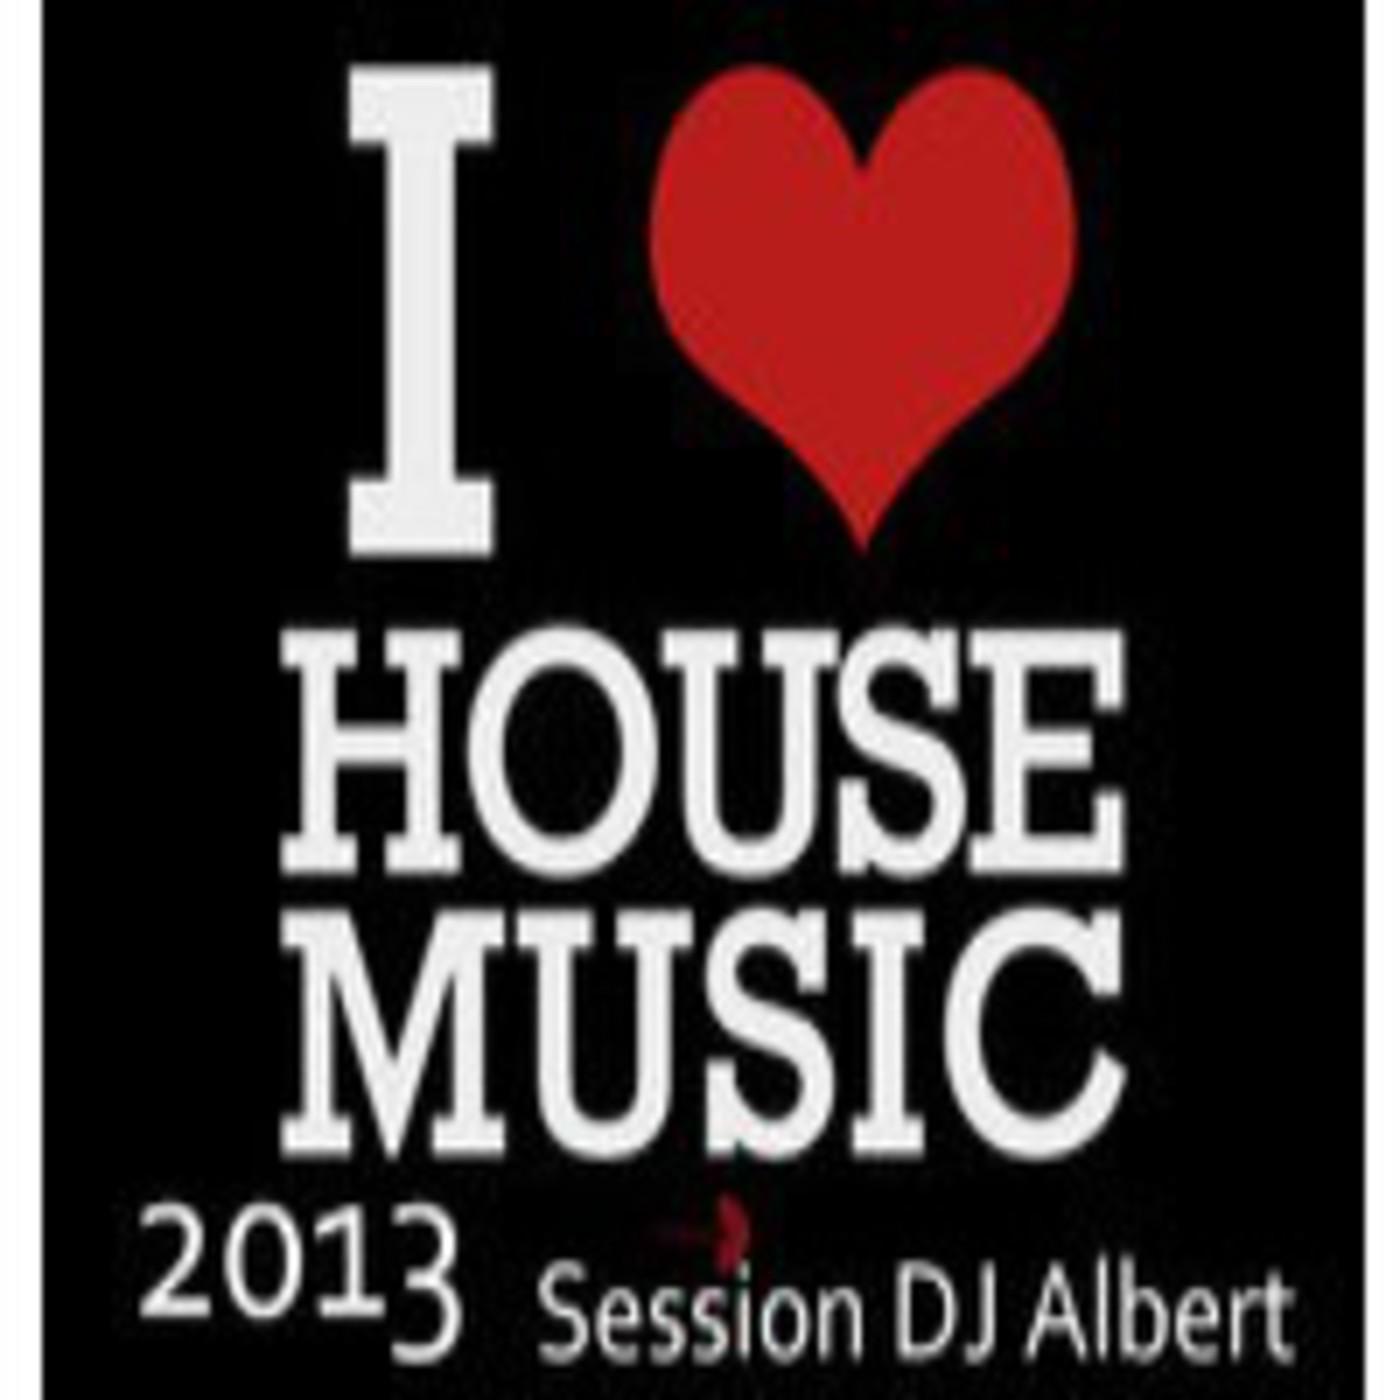 I LOVE HOUSE MUSIC 2013 Session DJ Albert